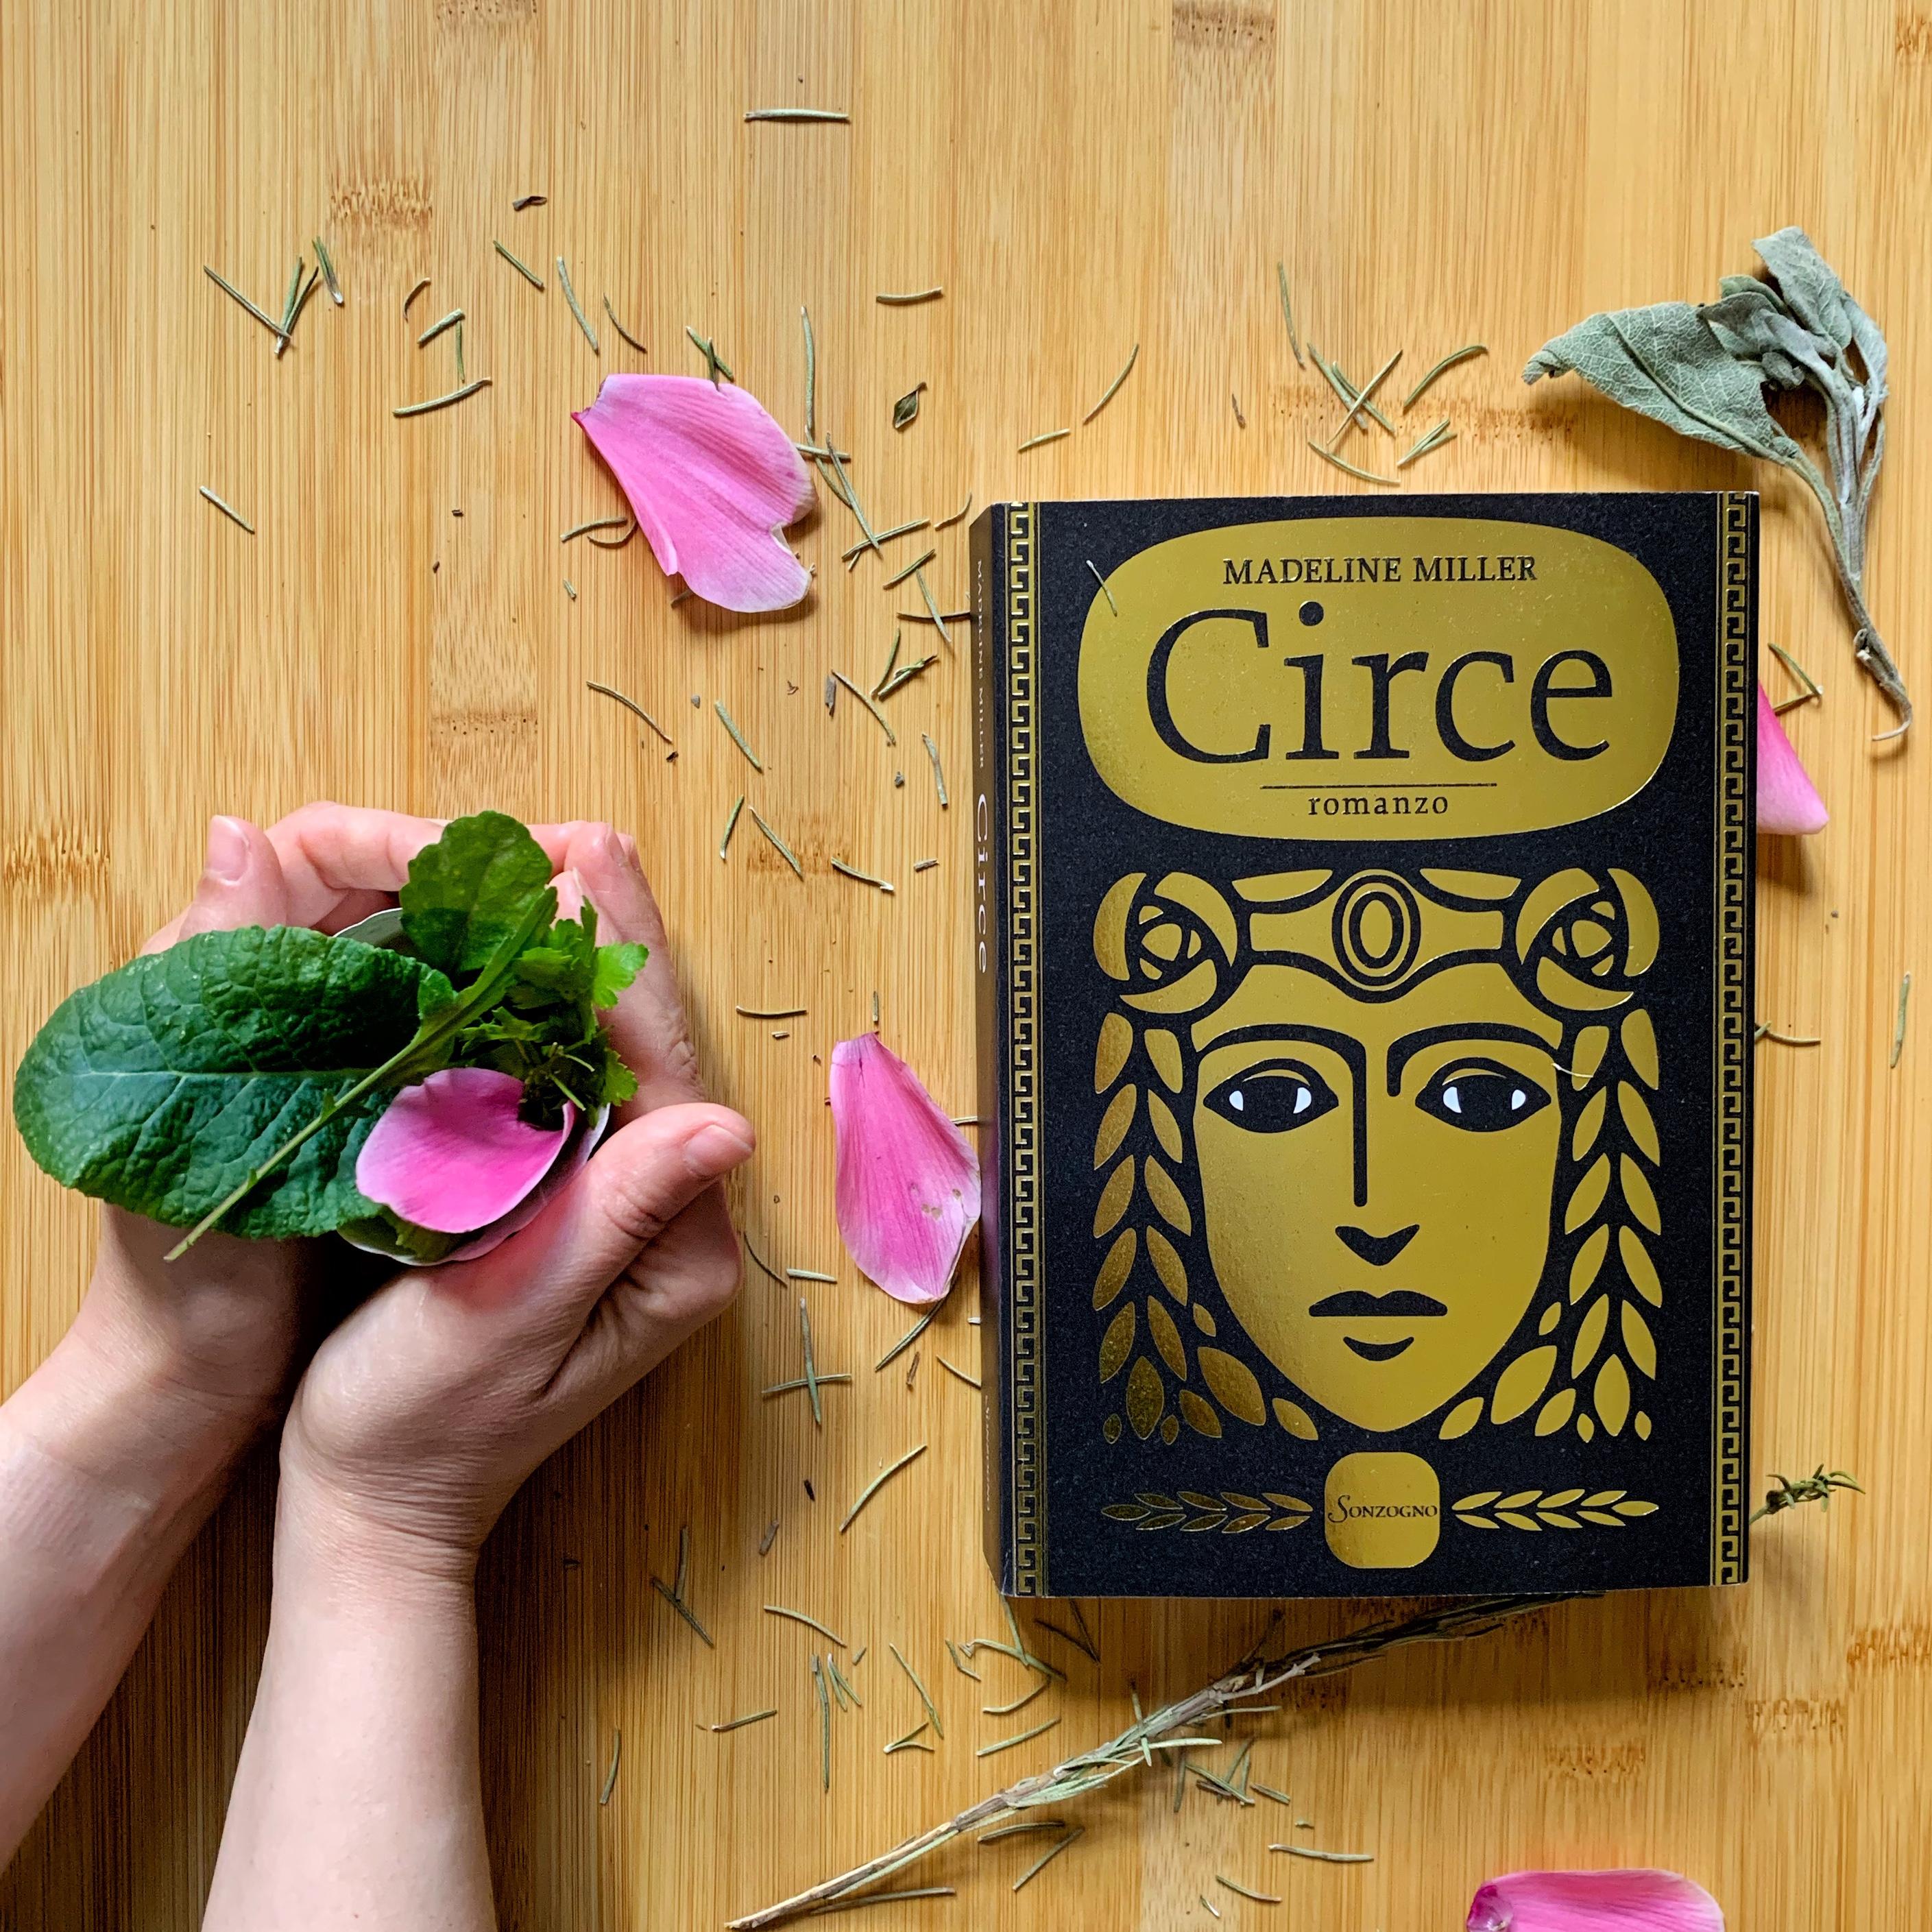 Circe, Madeline Miller, Divinità, Mitologia, Antica Grecia, Achiille, Dedalo, Odisseo, Ulisse, Odissea, Maga, Dea, Polifemo, Viaggio, Eea